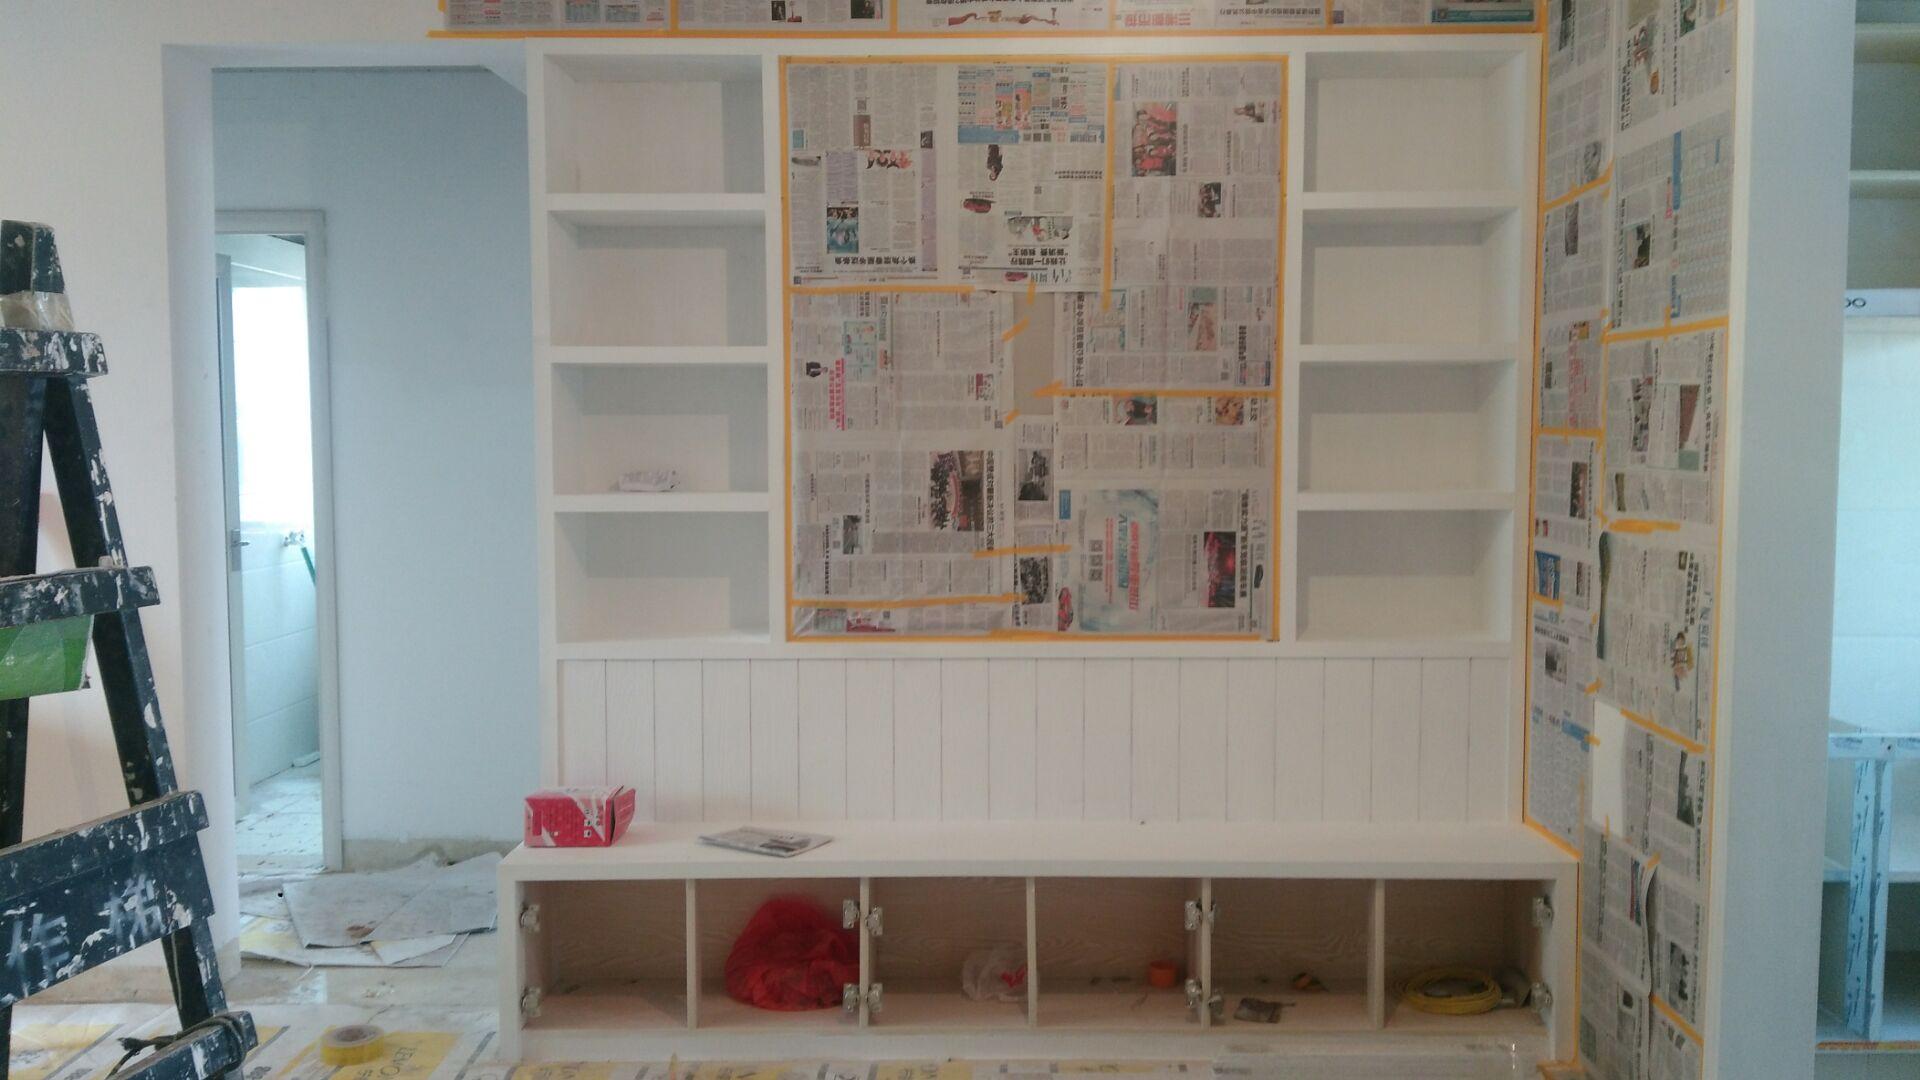 木工进场前,板材要先进场,仔细看一下进场的板子是否与合同相符,是否是正品。在南方的有些地方装修还要记得让白蚁公司来防白蚁。现场制作的门套,木柜等木制品,进行完本身的加工后,还应该在外面再刷上一层白胶,